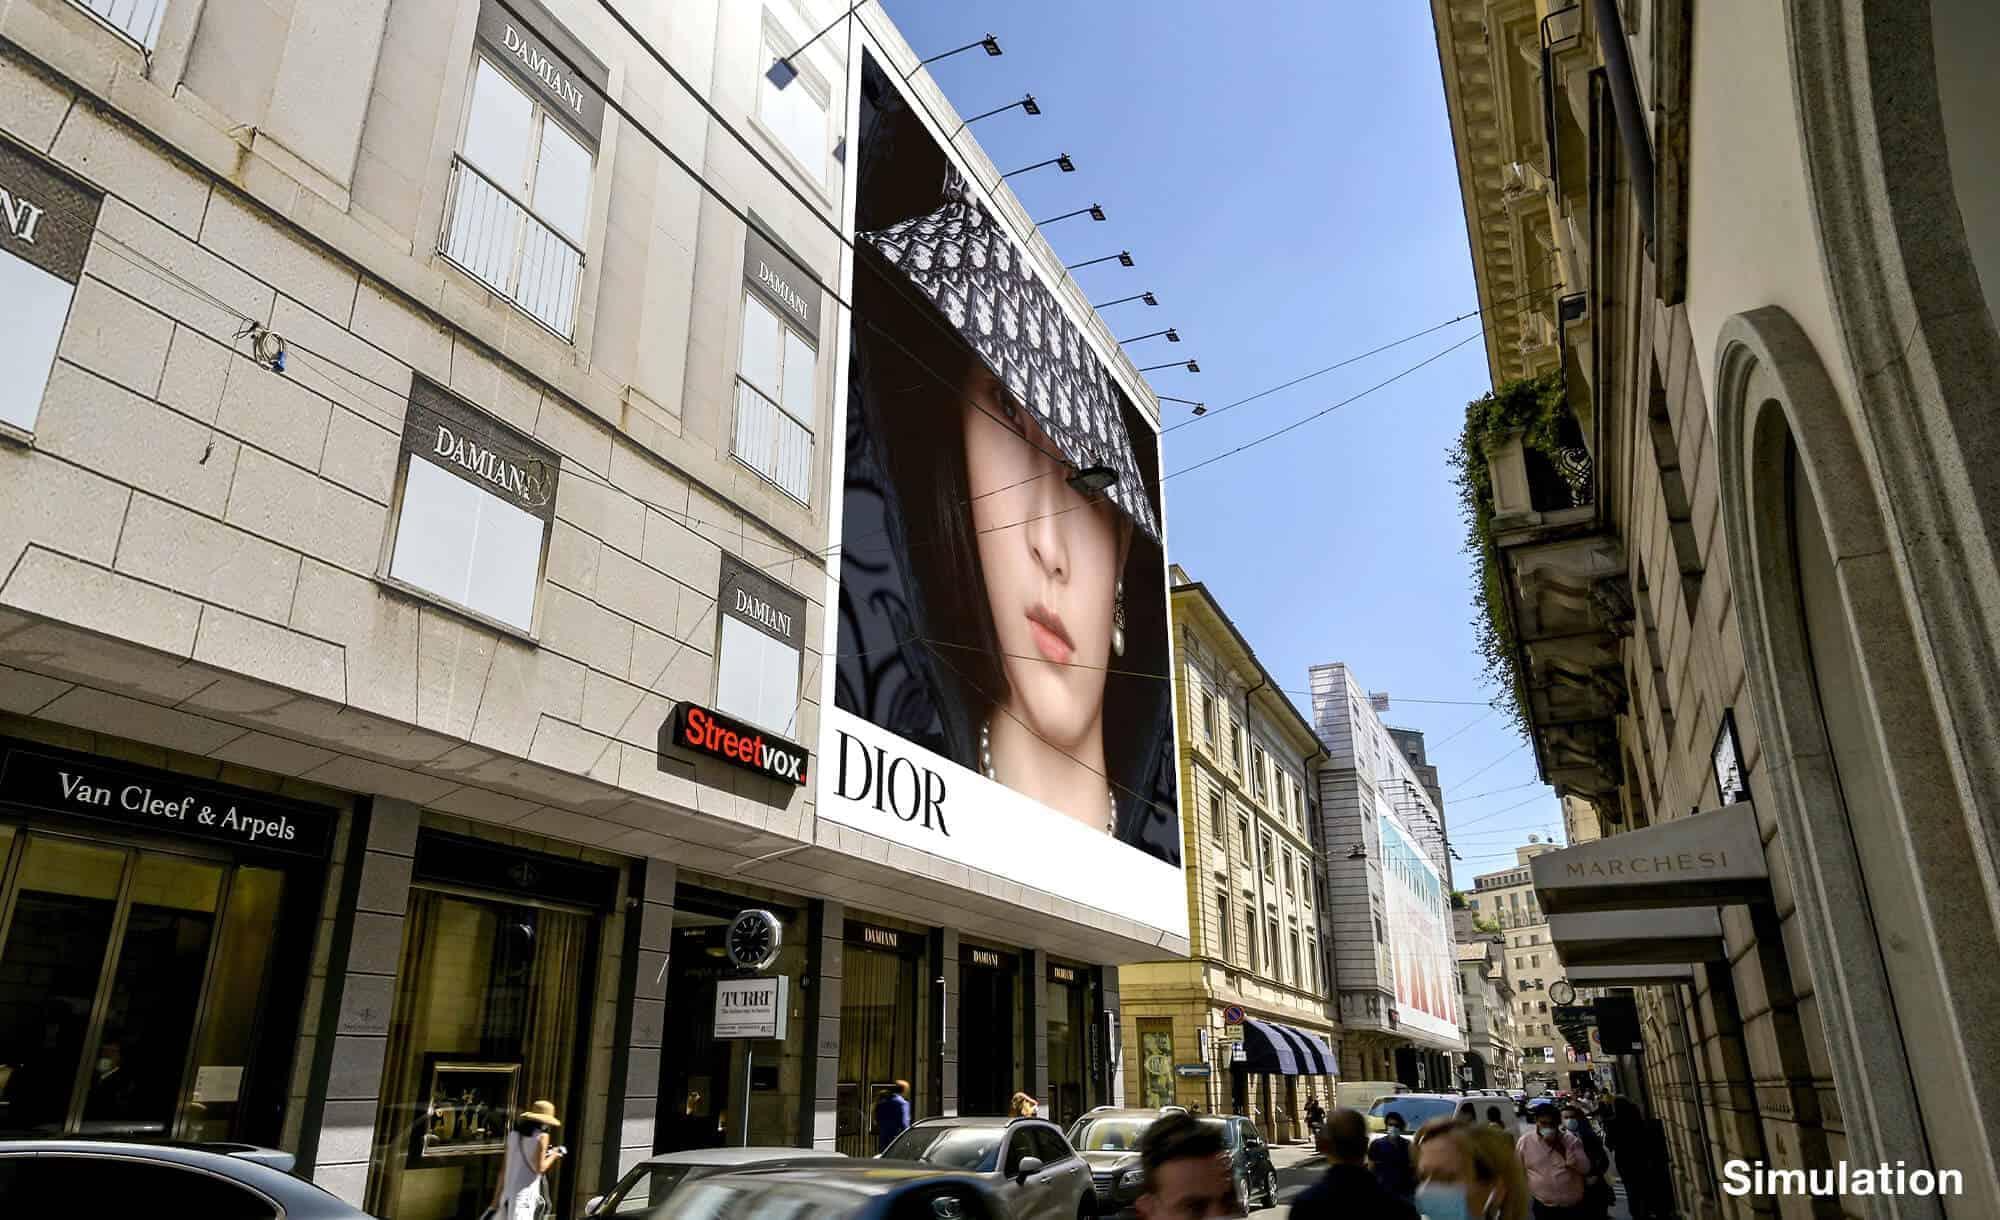 Maxi Affissione Streetvox in Via Monte Napoleone 10 a Milano con Dior (Fashion)